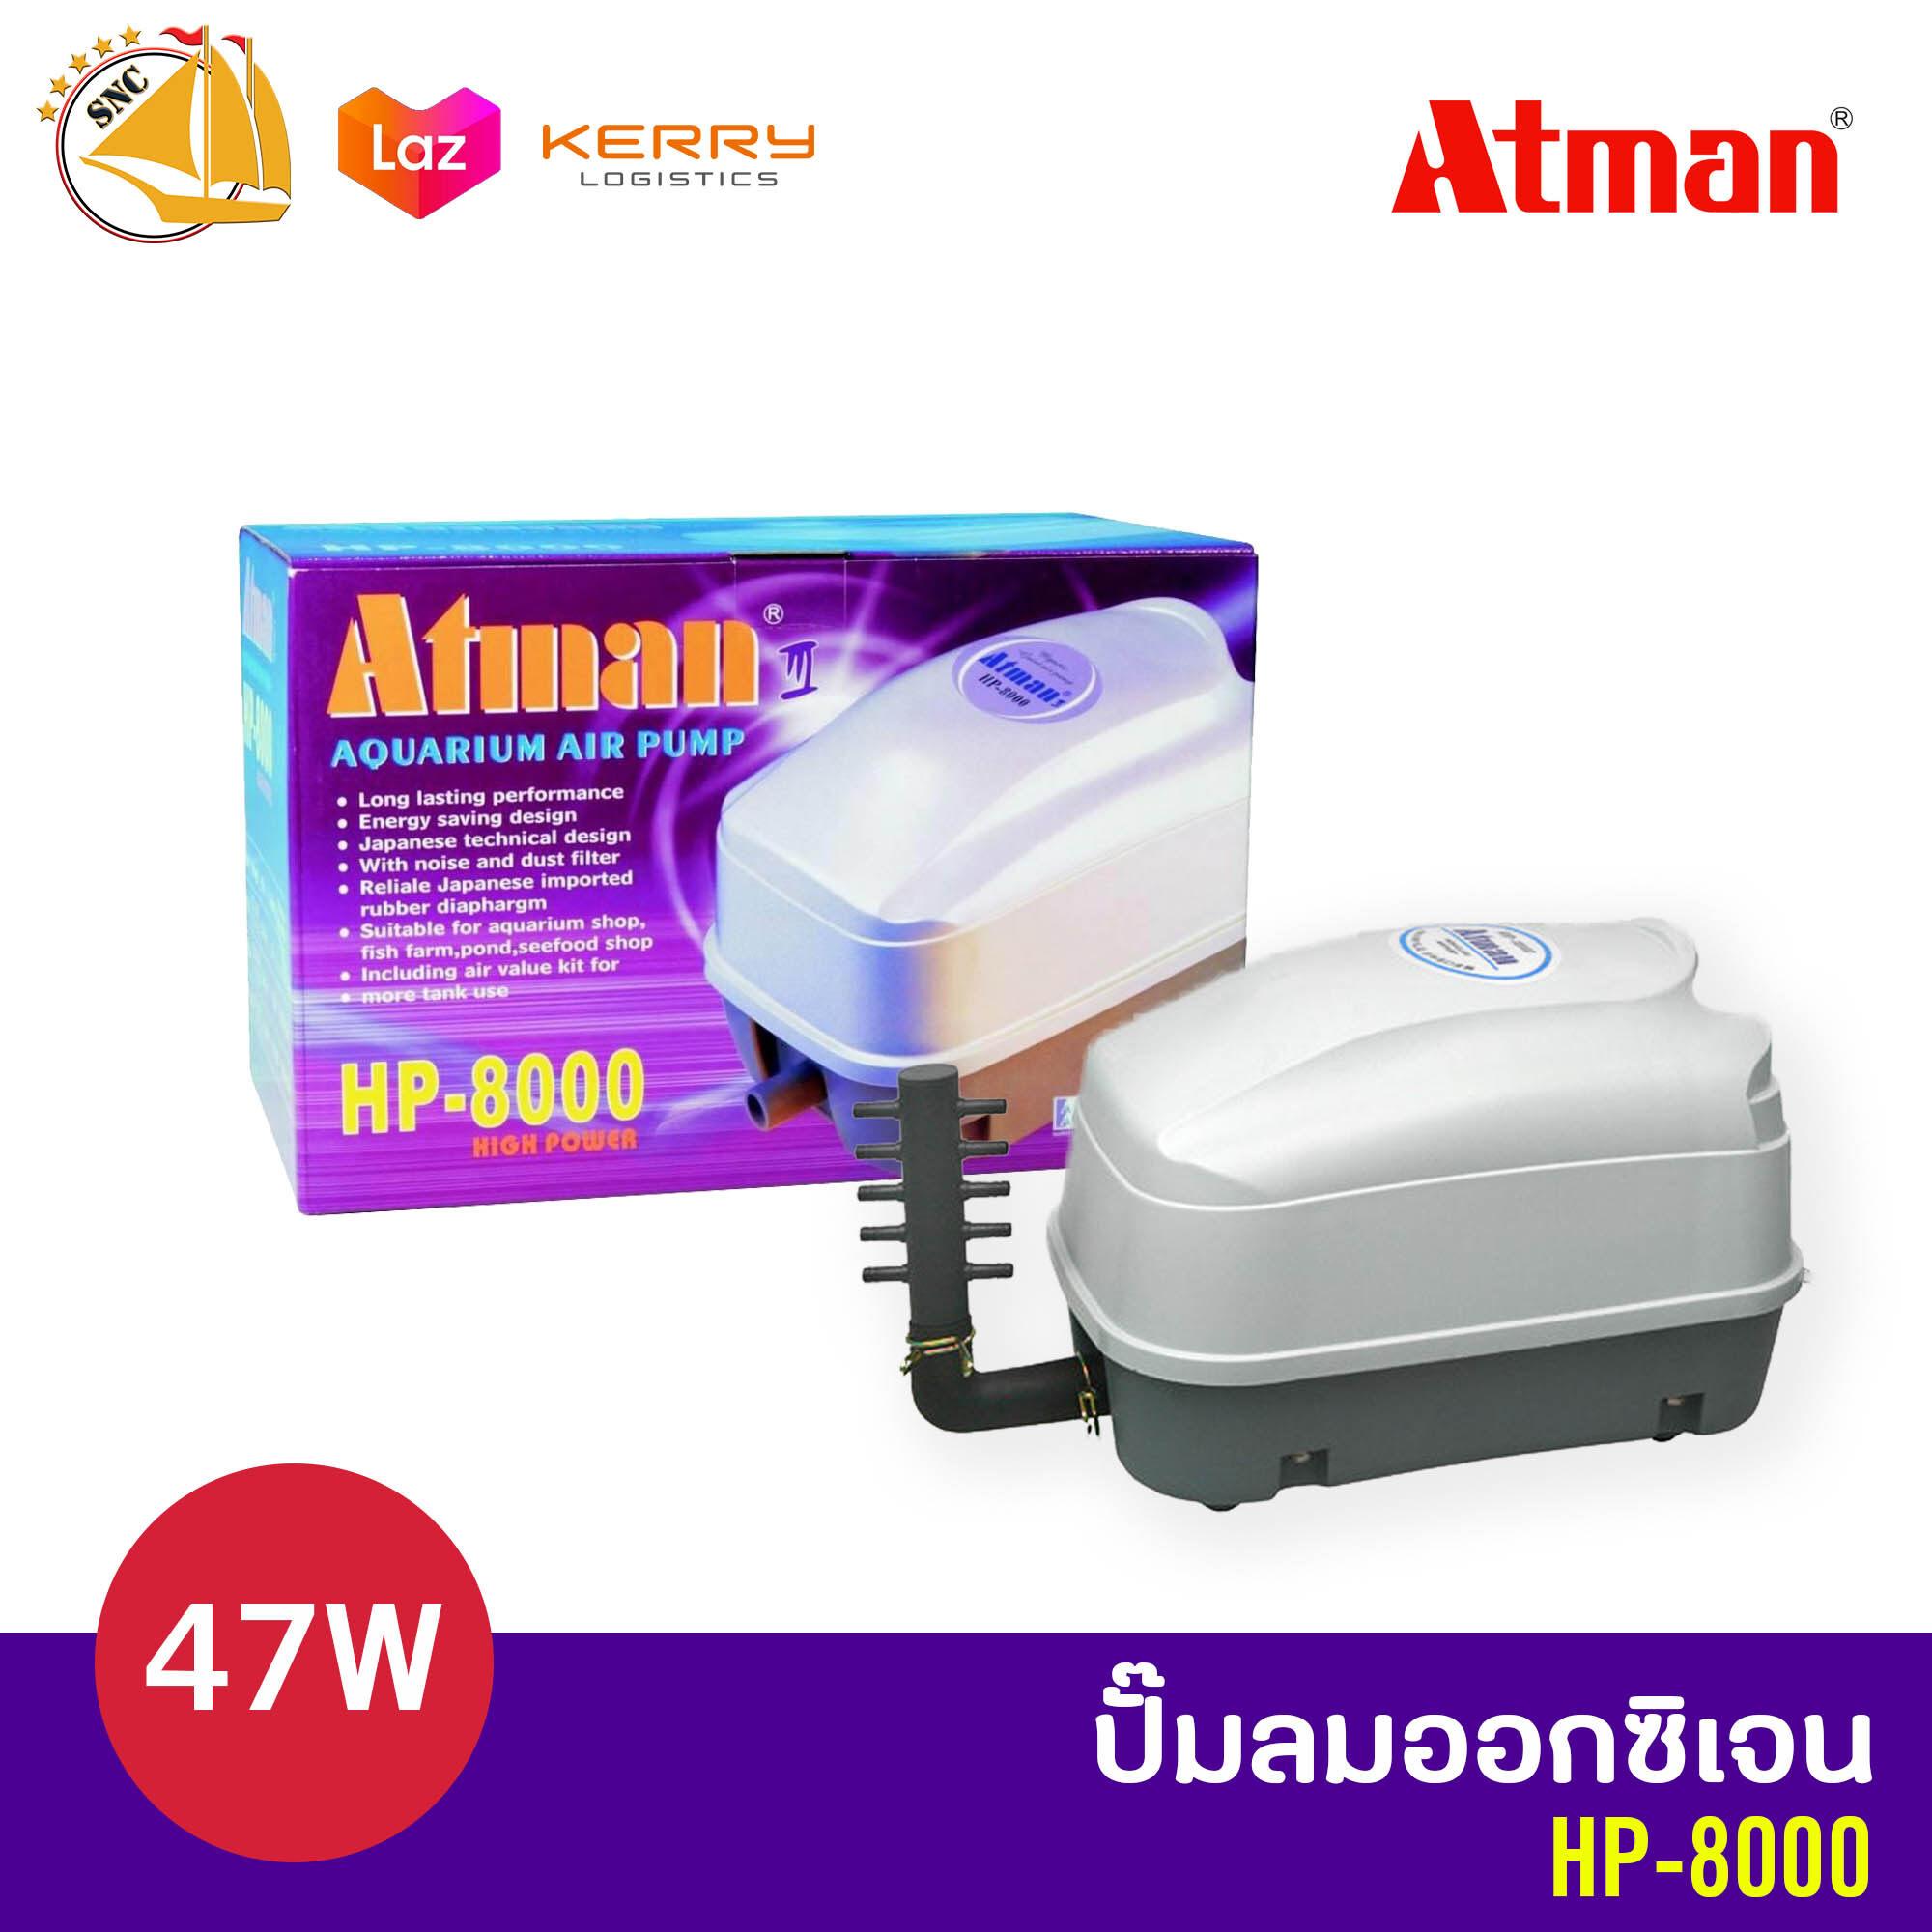 ปั๊มลม Atman HP-8000 ปั๊มลมบ่อปลา ตู้ปลา ประหยัดไฟ ให้ลมแรง HP8000 ออกซิเจนบ่อปลา ปั๊มลมบ่อปลา